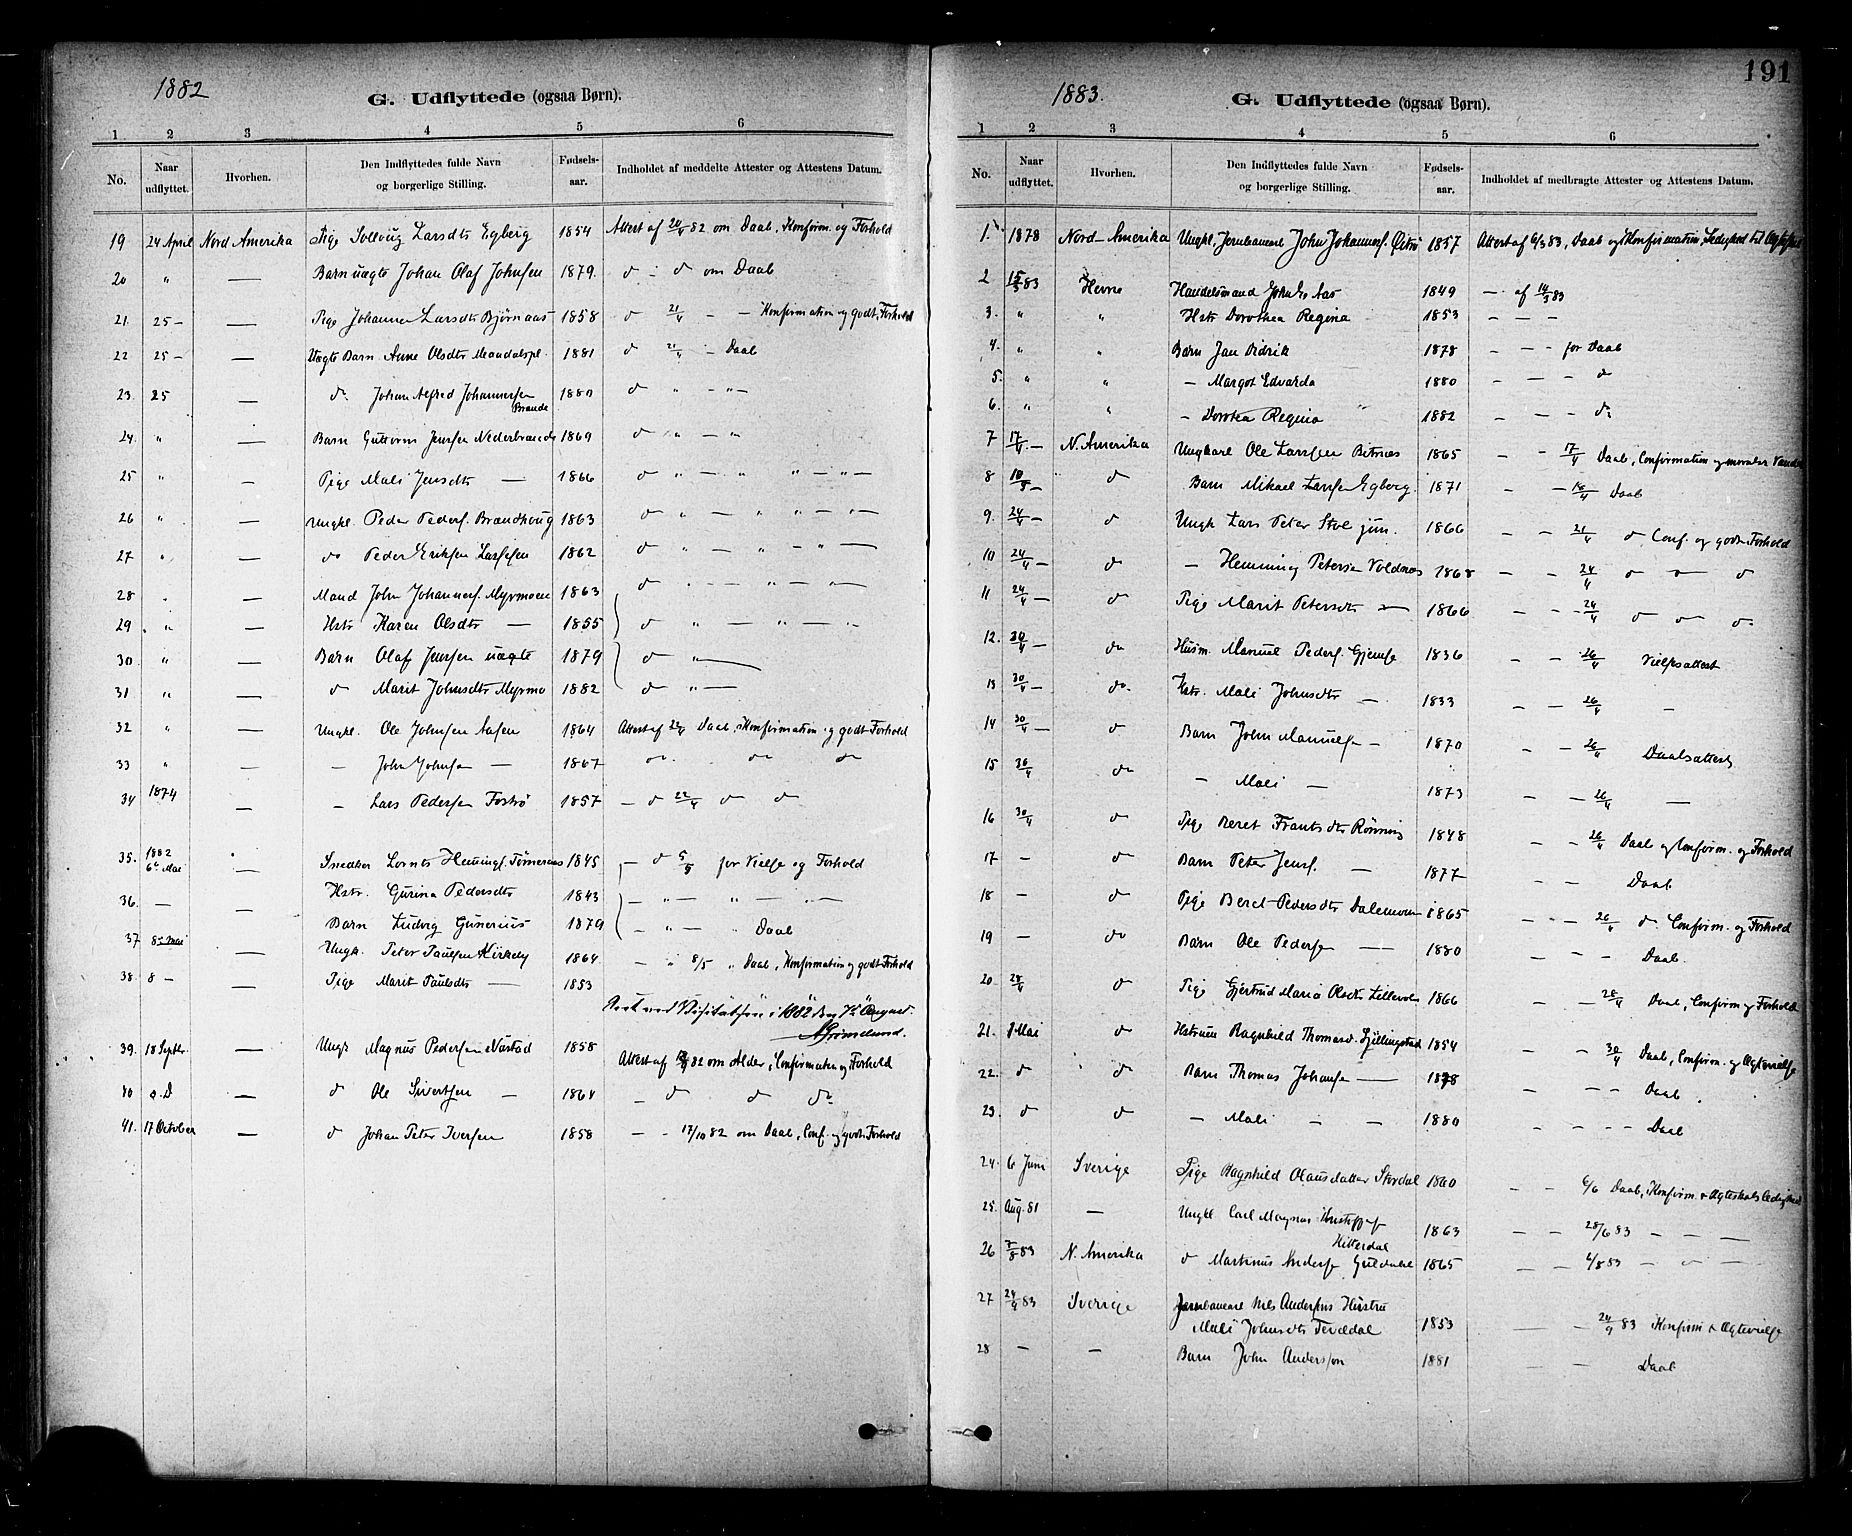 SAT, Ministerialprotokoller, klokkerbøker og fødselsregistre - Nord-Trøndelag, 706/L0047: Ministerialbok nr. 706A03, 1878-1892, s. 191